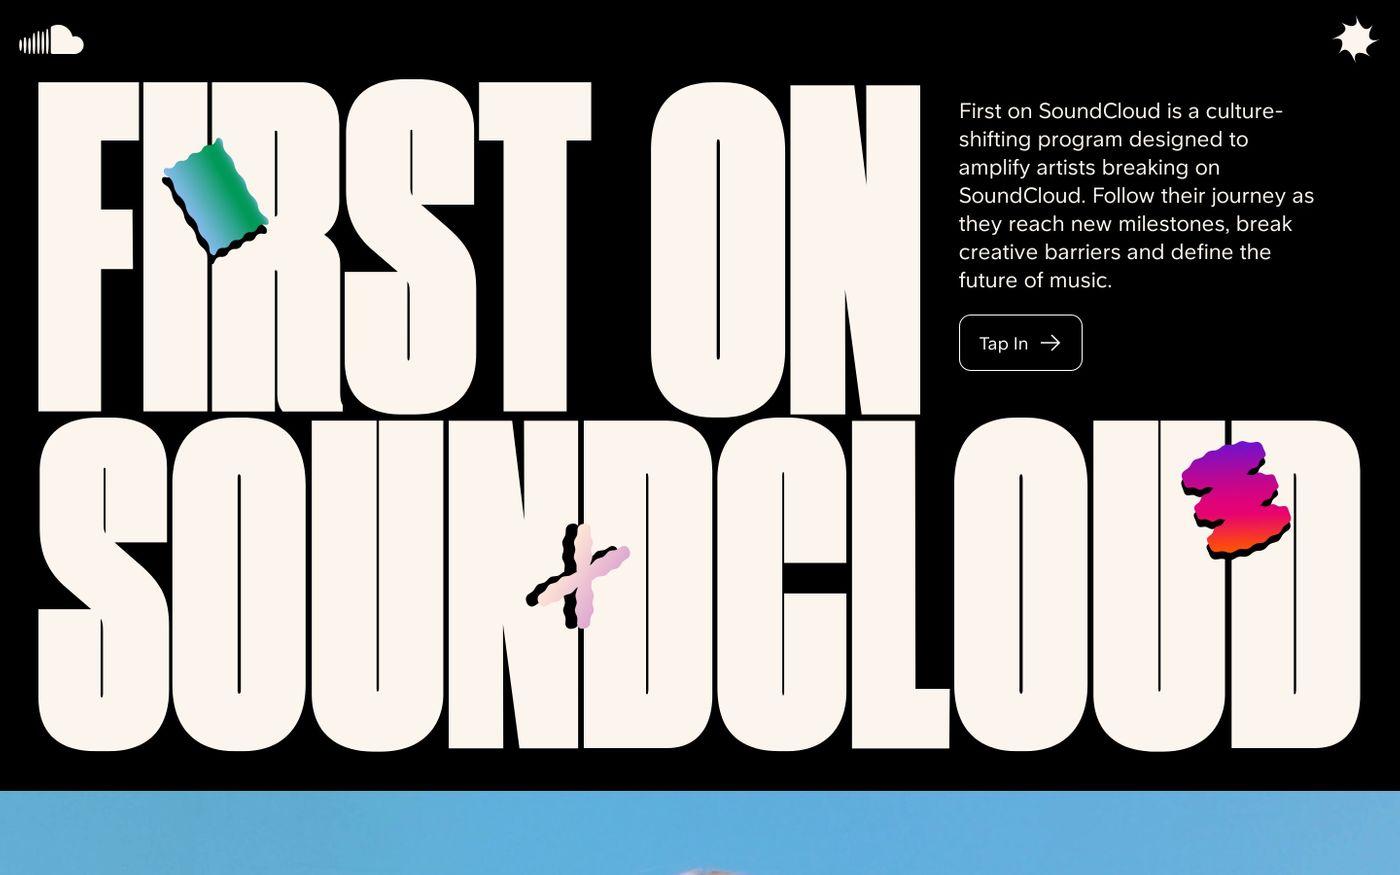 Screenshot of First on Soundcloud website